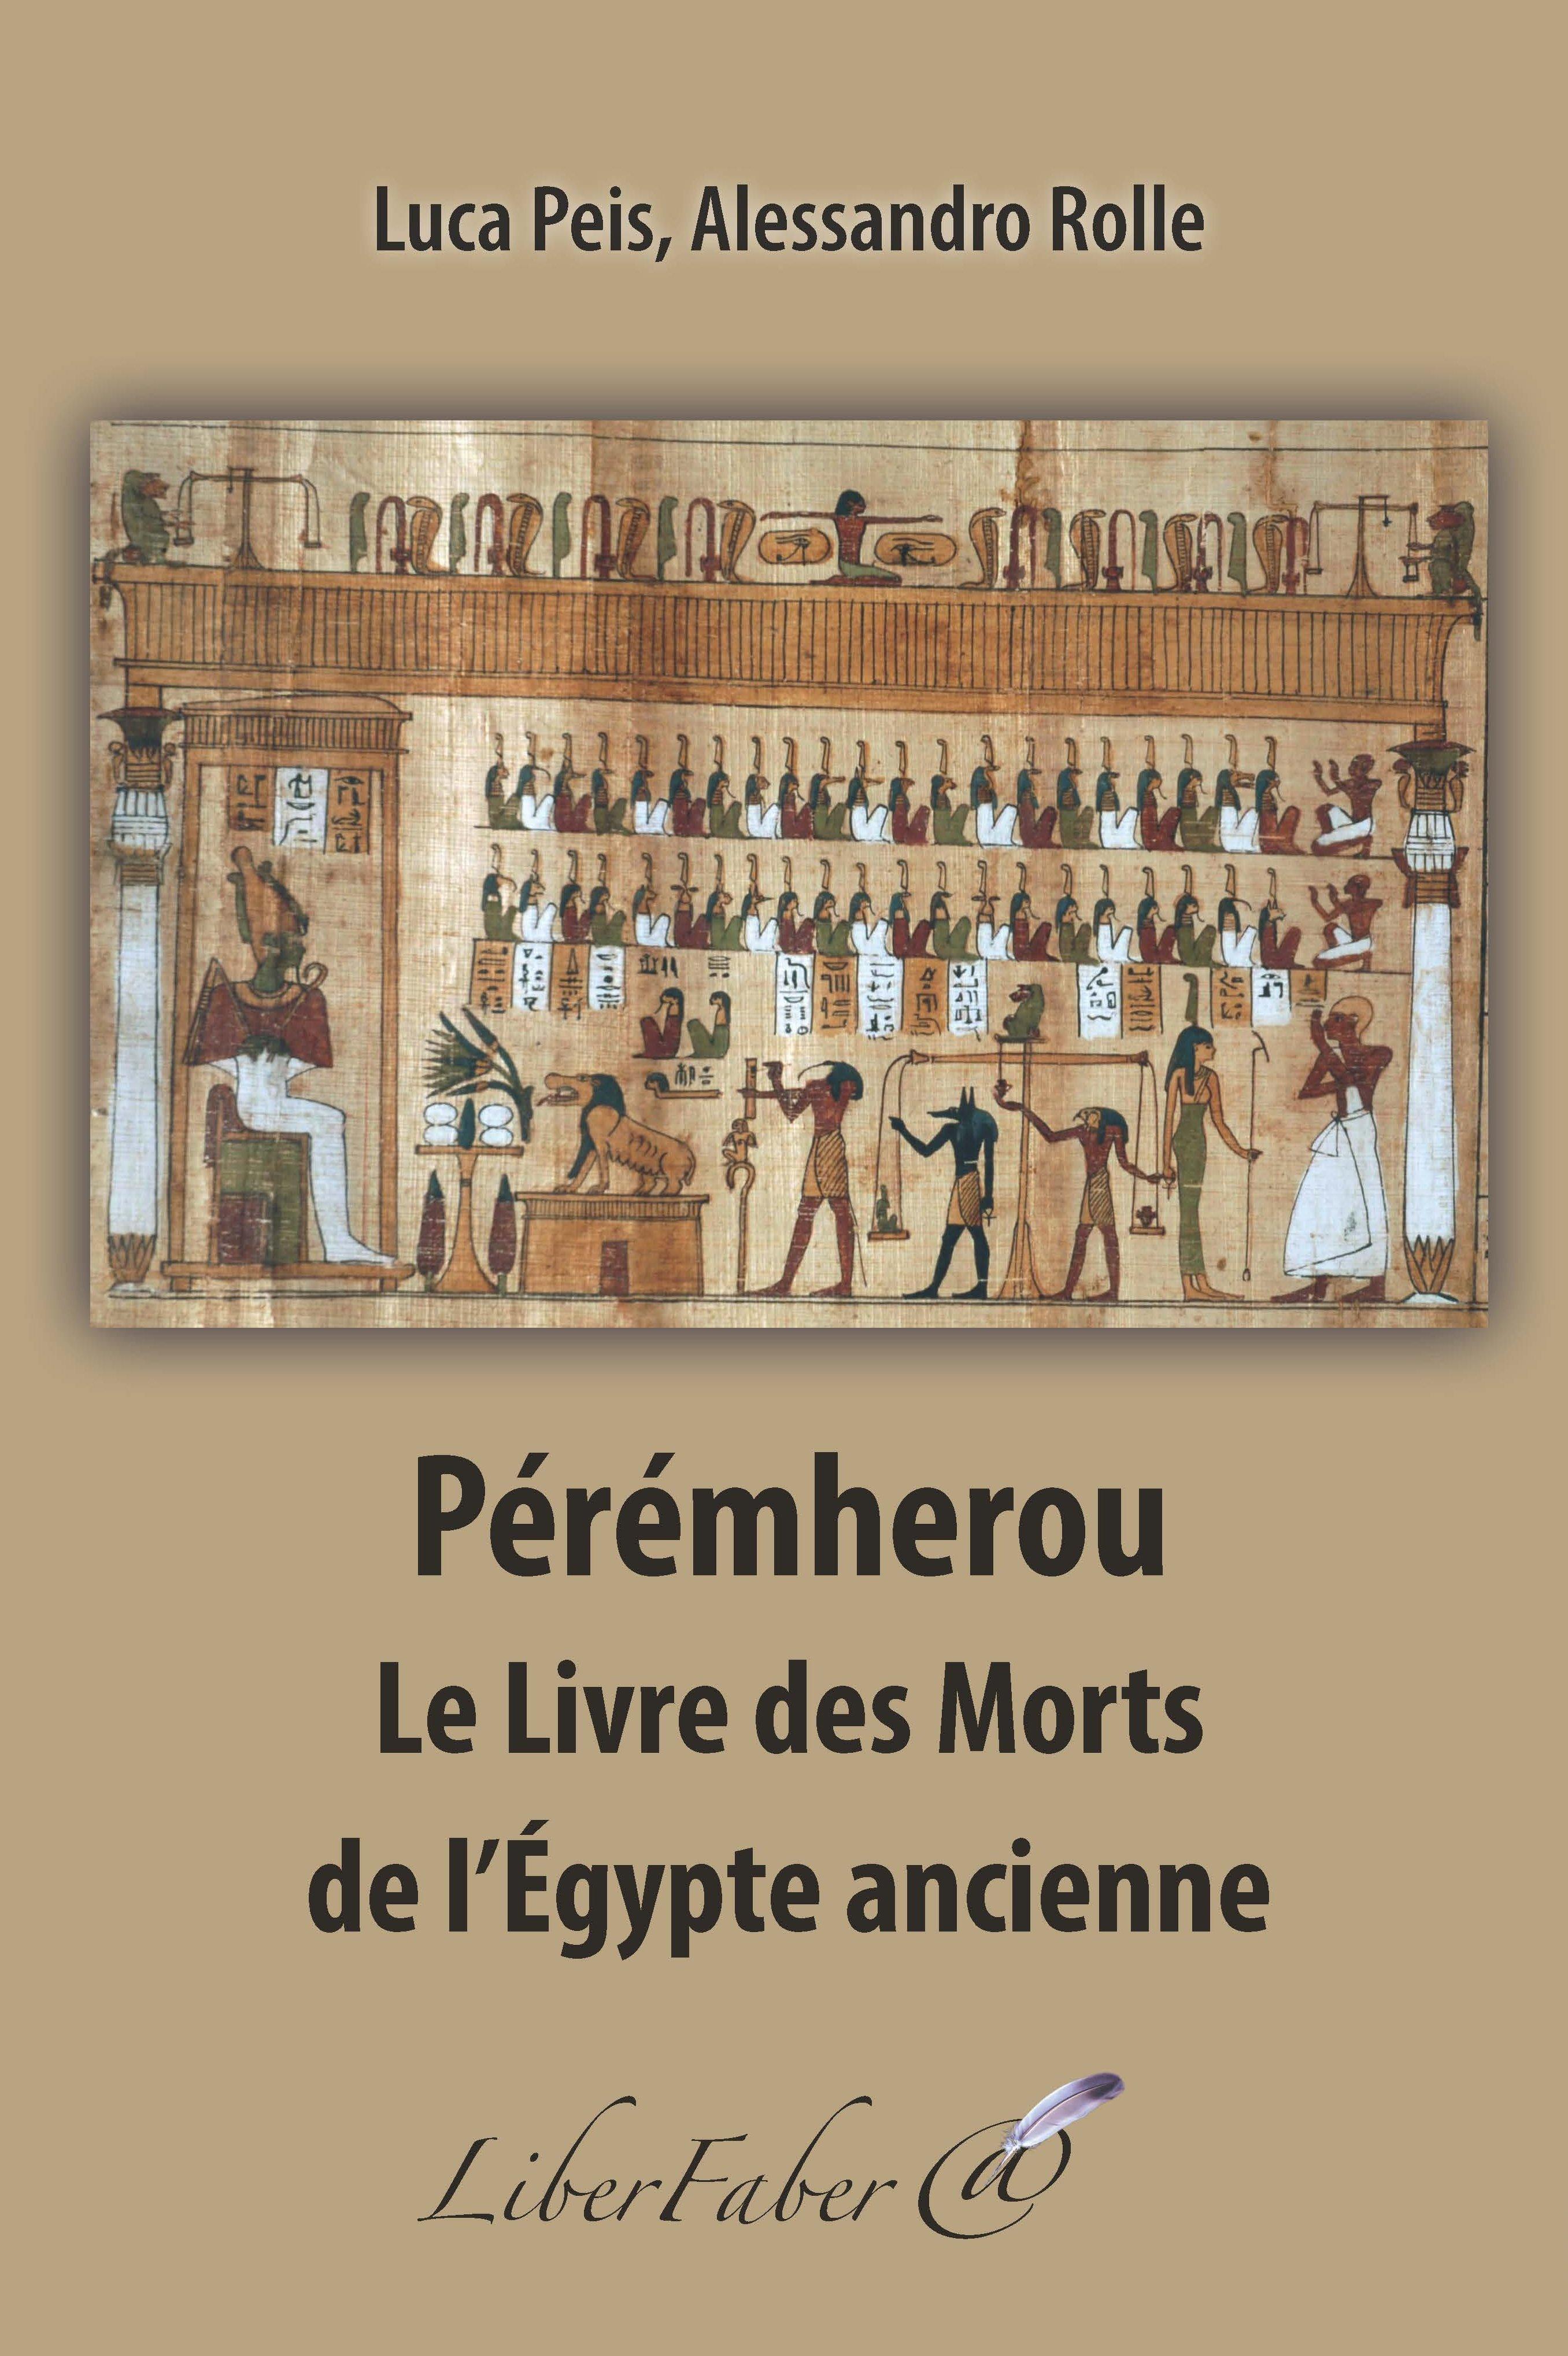 PEREMHEROU. LES LIVRES DES MORTS DANS L'EGYPTE ANCIENNE